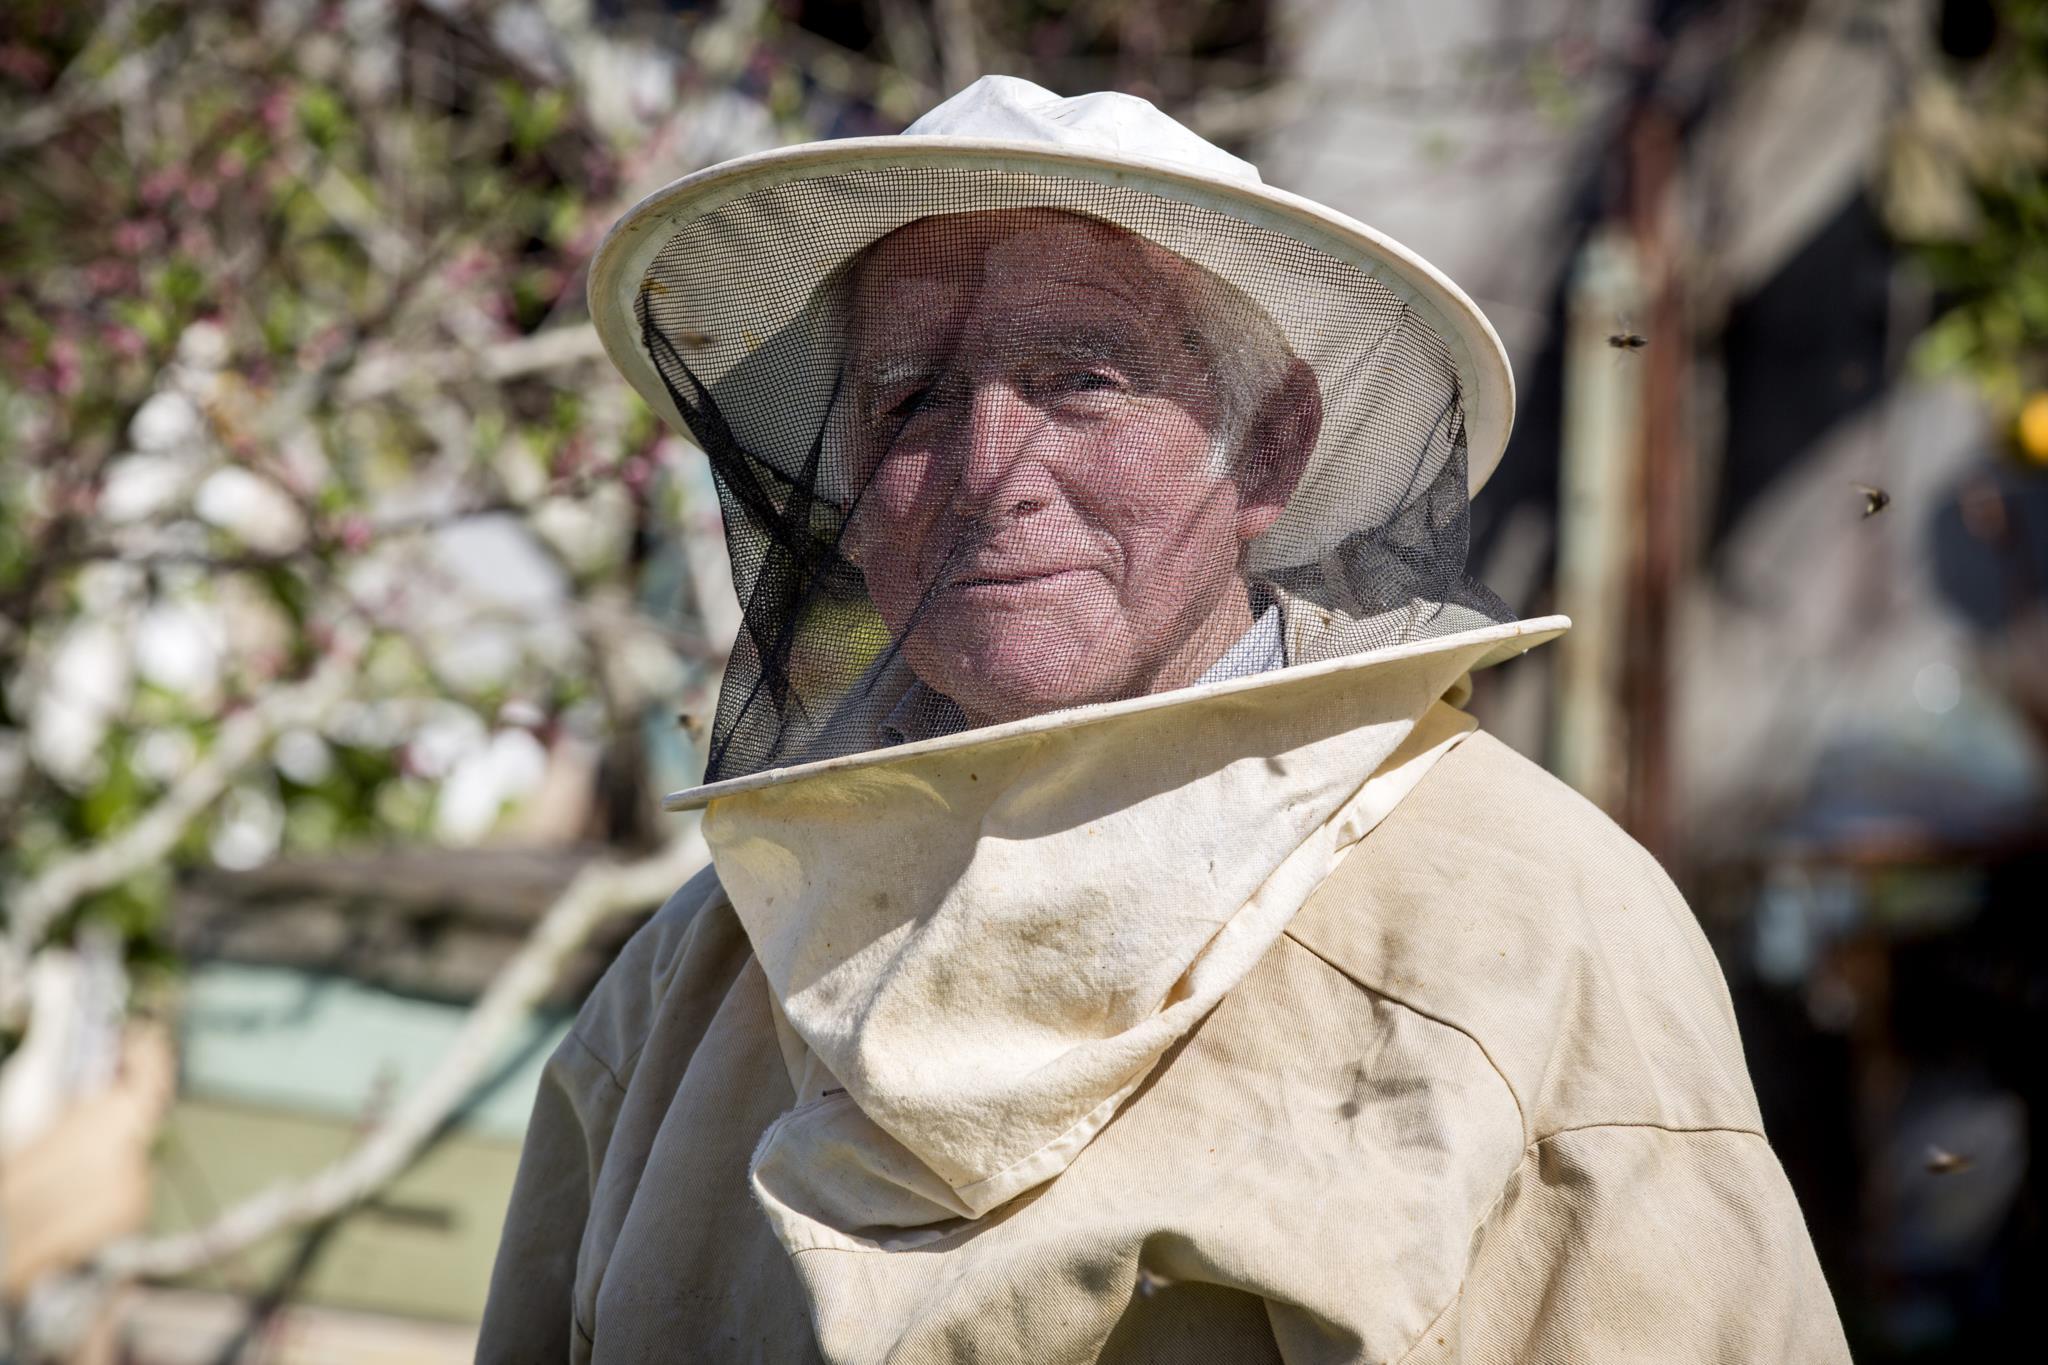 Os inimigos das abelhas são todos: o mel das abelhas do senhor Tomás é uma prova da existência de Deus